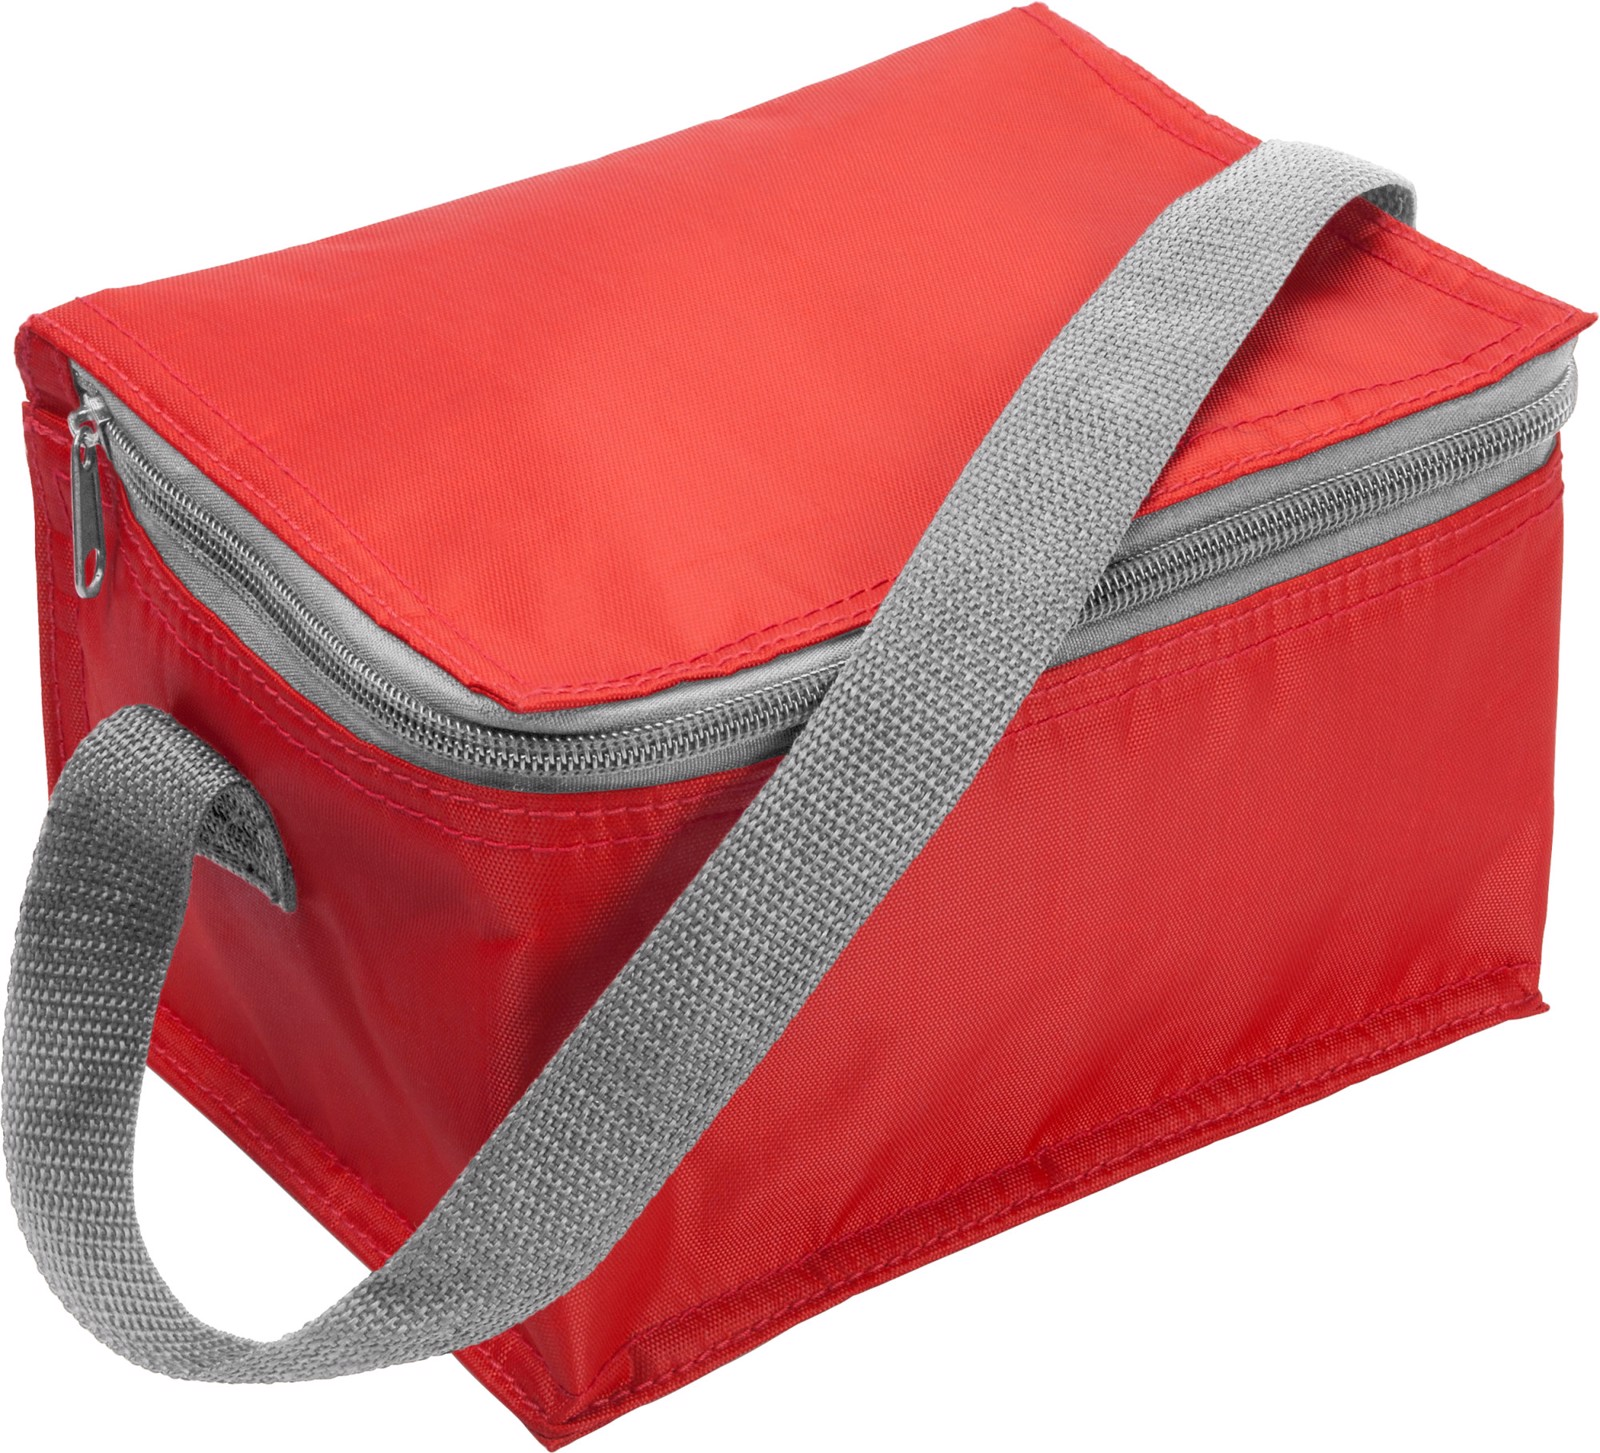 Polyester (420D) cooler bag - Red